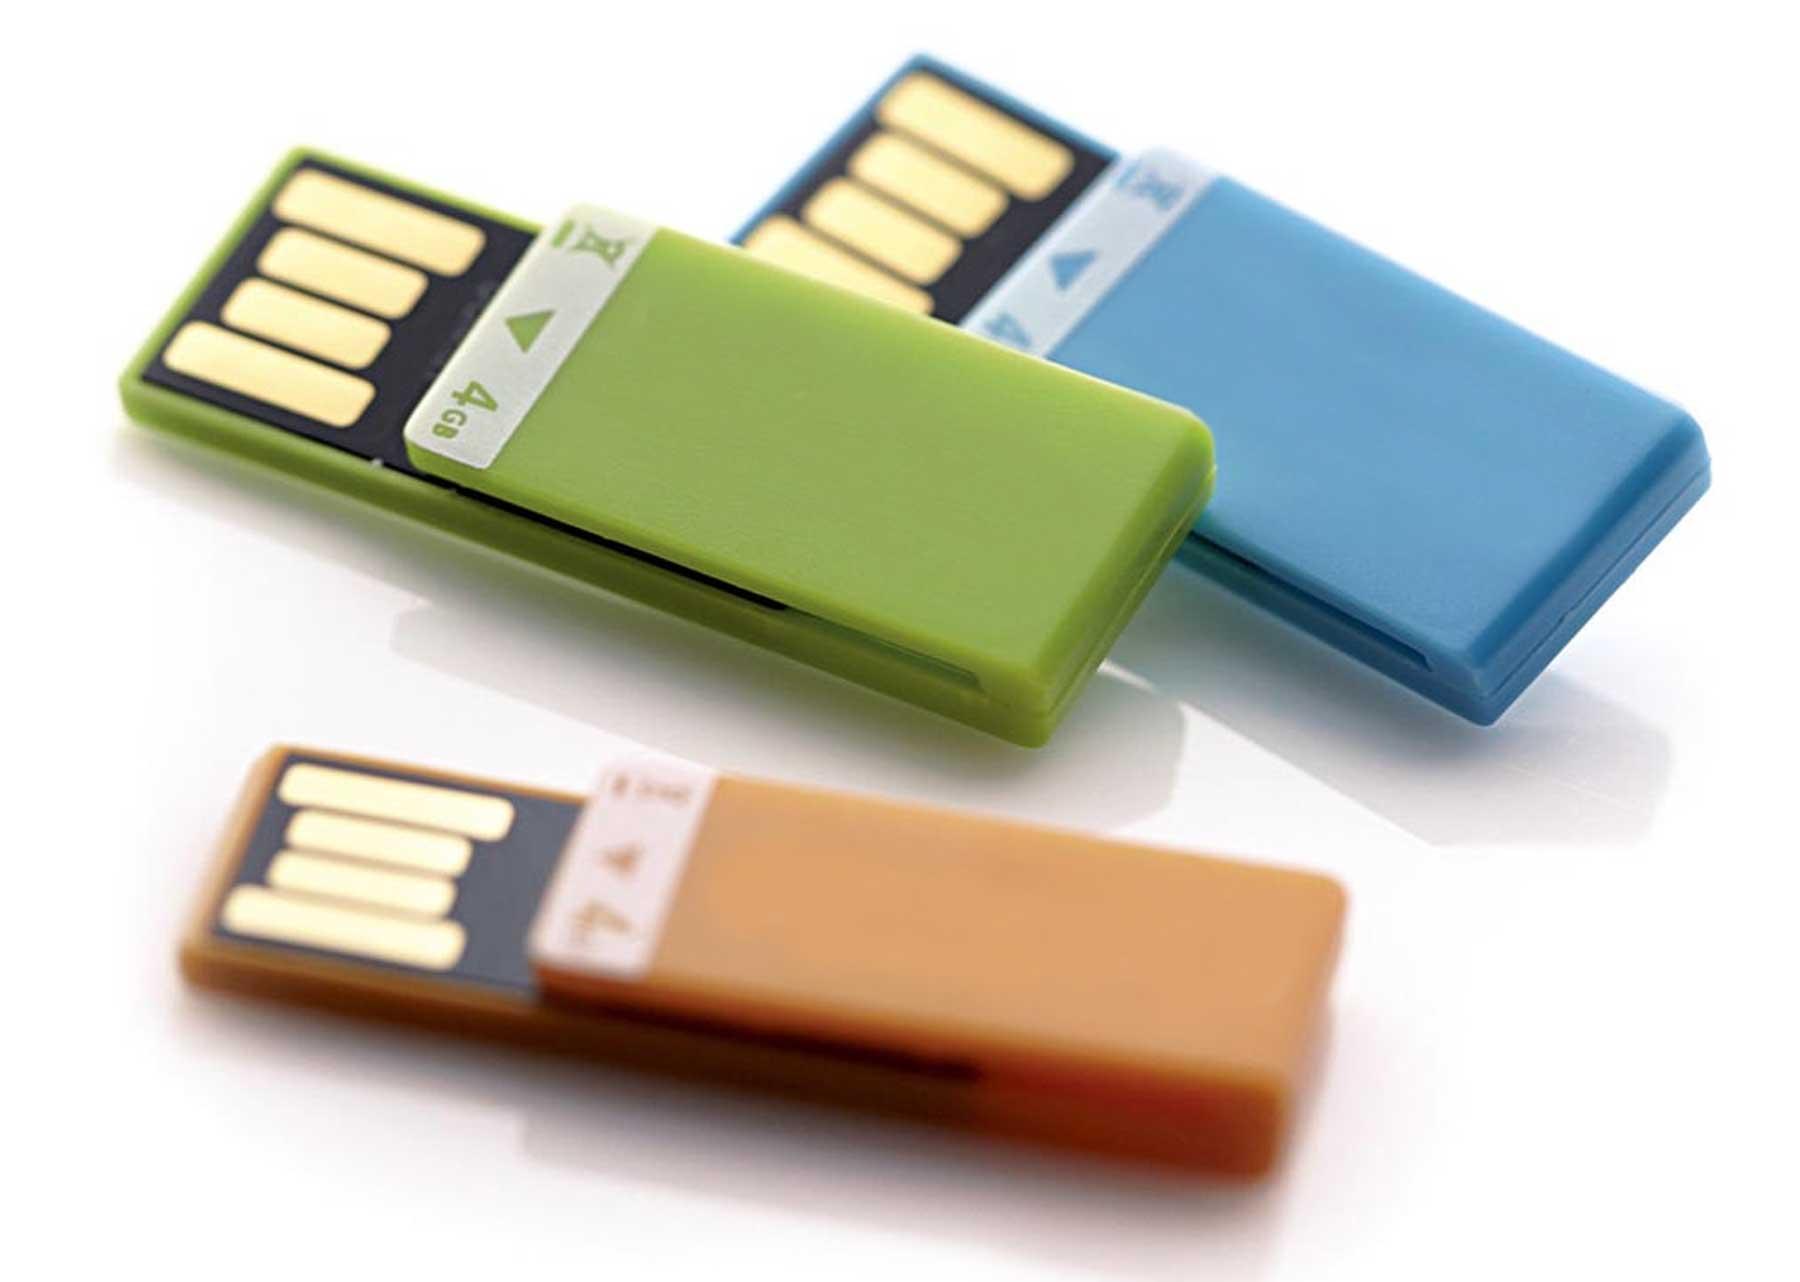 Çin'den Flash Disk Almak Çin'den Flash Disk Almak Çin'den Flash Disk Almak usb bellek yazmaya karsi korumali hatasi